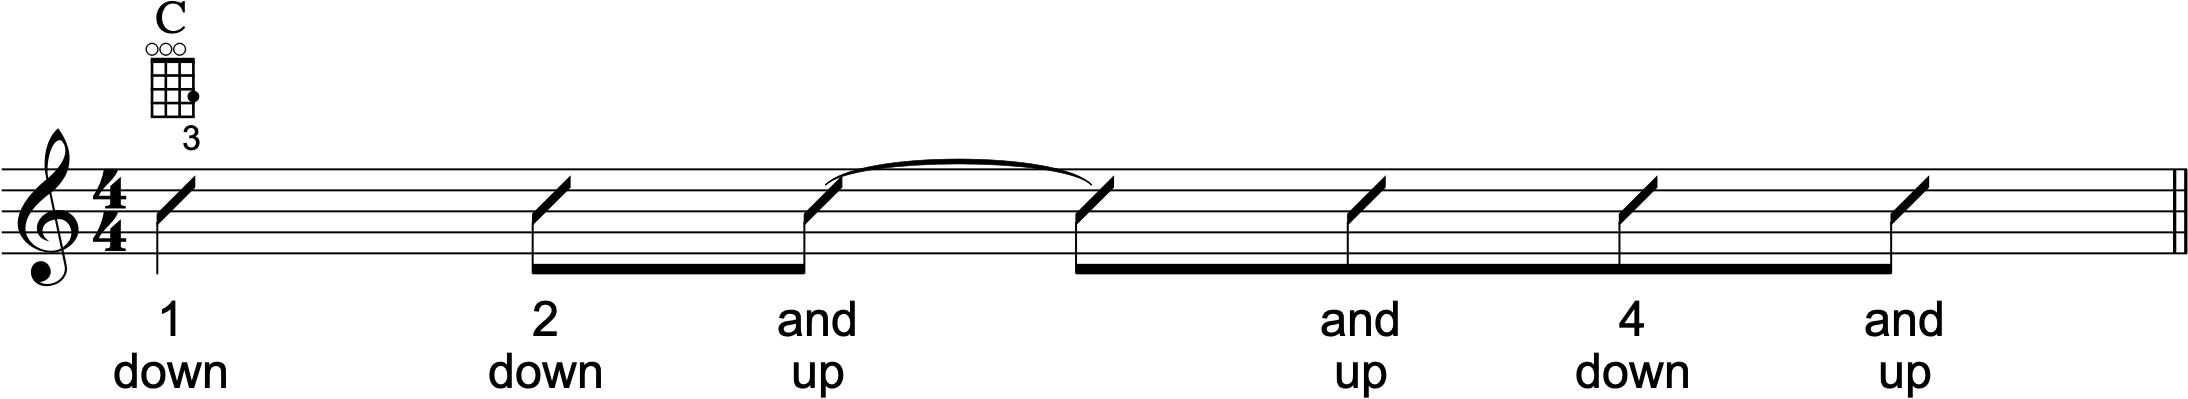 Calypso Strumming Pattern on Ukulele